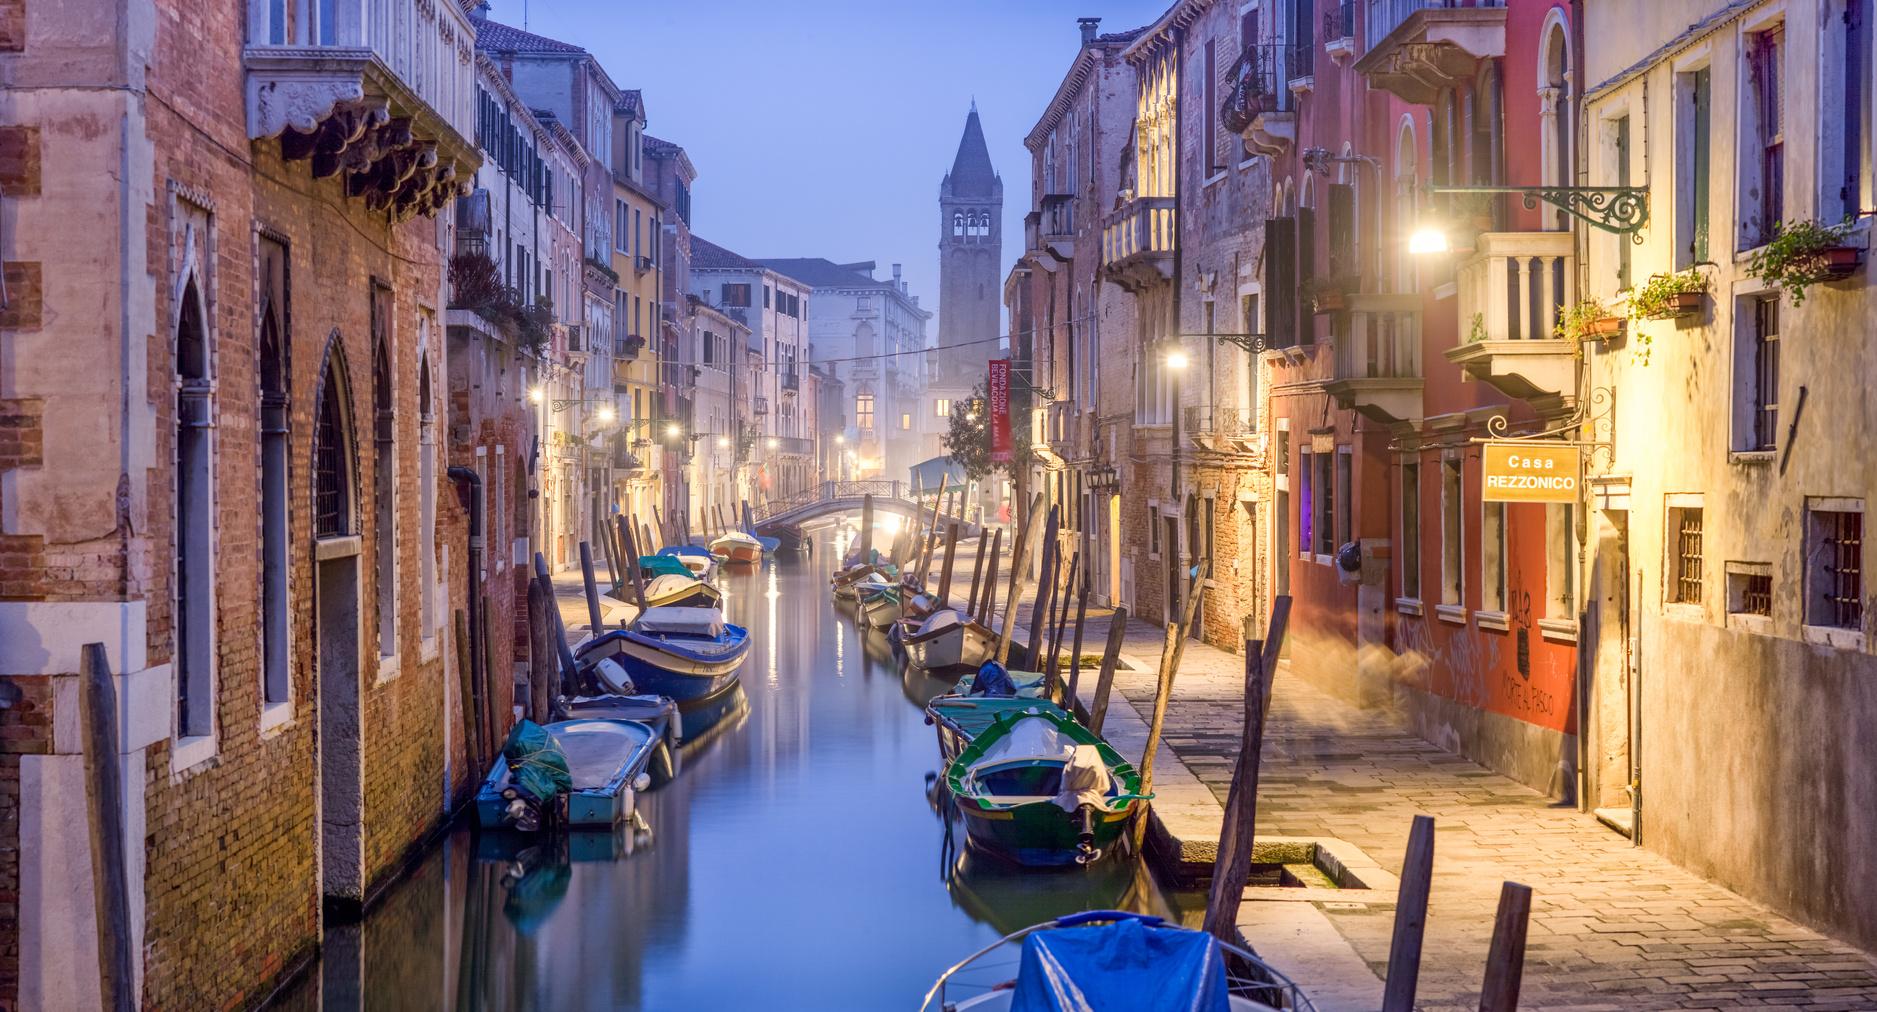 Venedig (Flug + Venedig Transfer) von Frankfurt Hahn Hin und Zurück für 29,98€